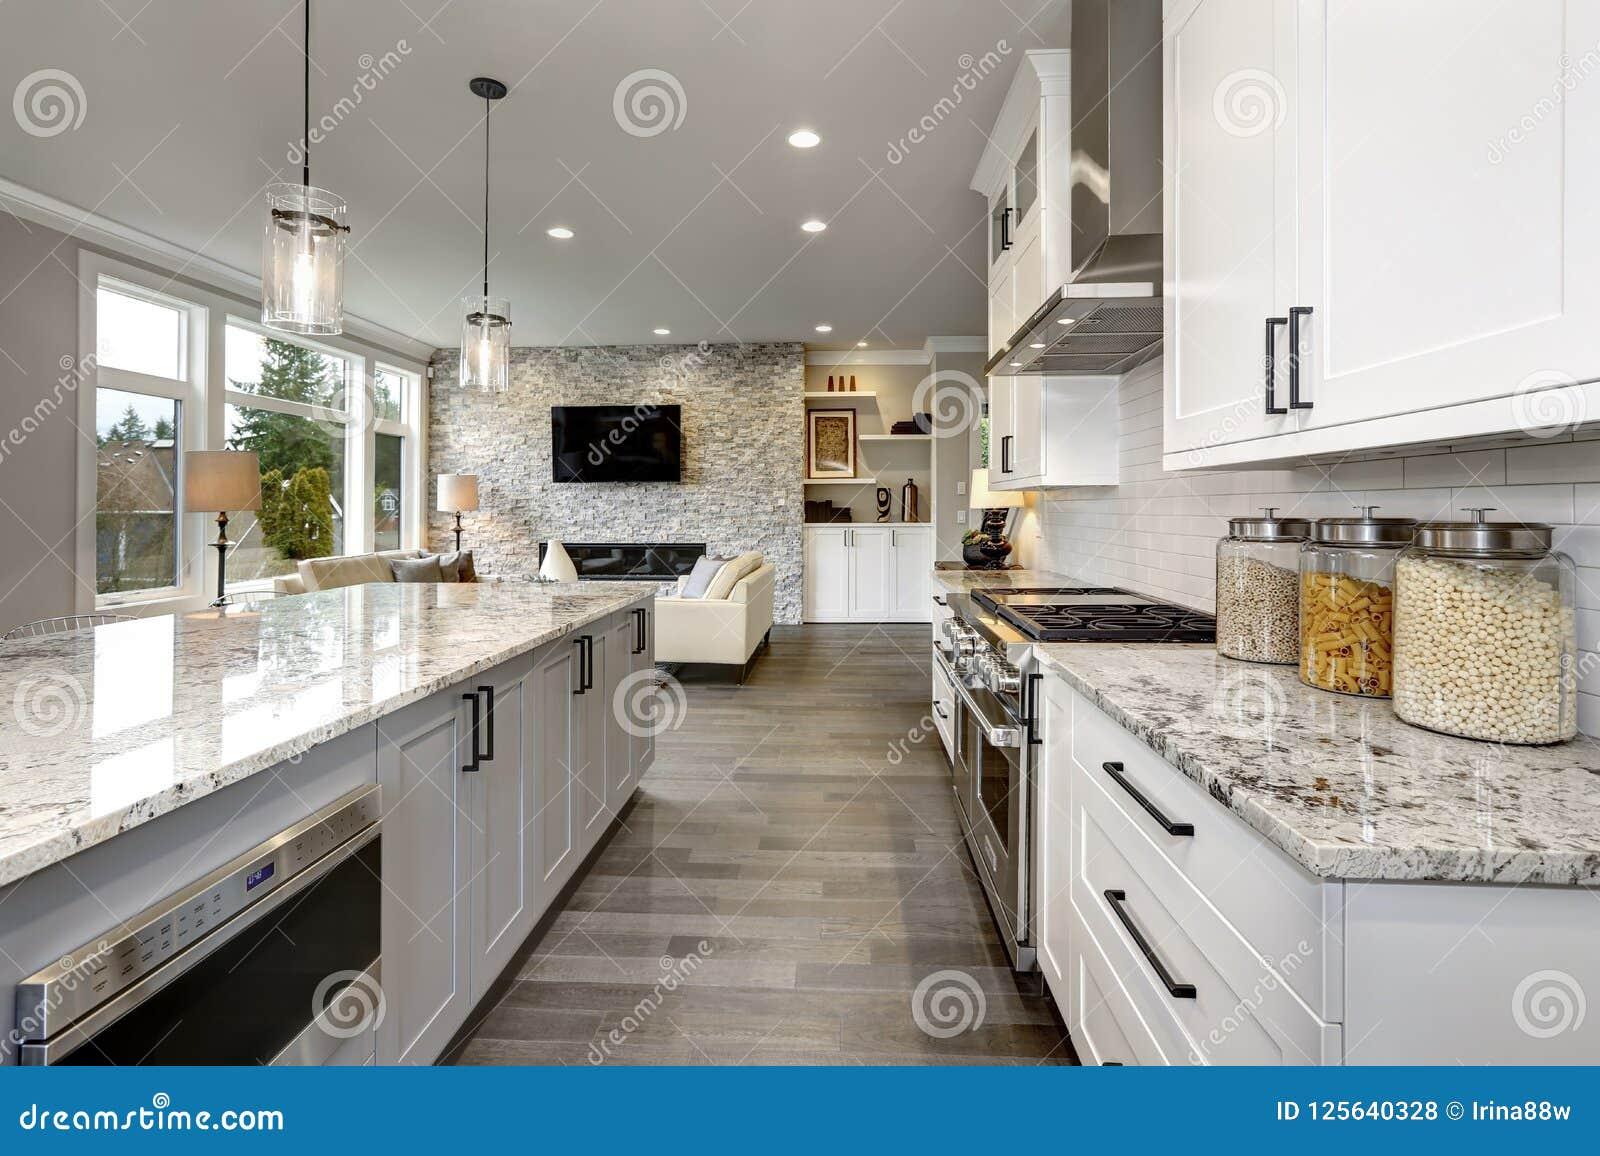 Mooie keuken in het moderne binnenland van het luxehuis met eiland en roestvrij staalstoelen